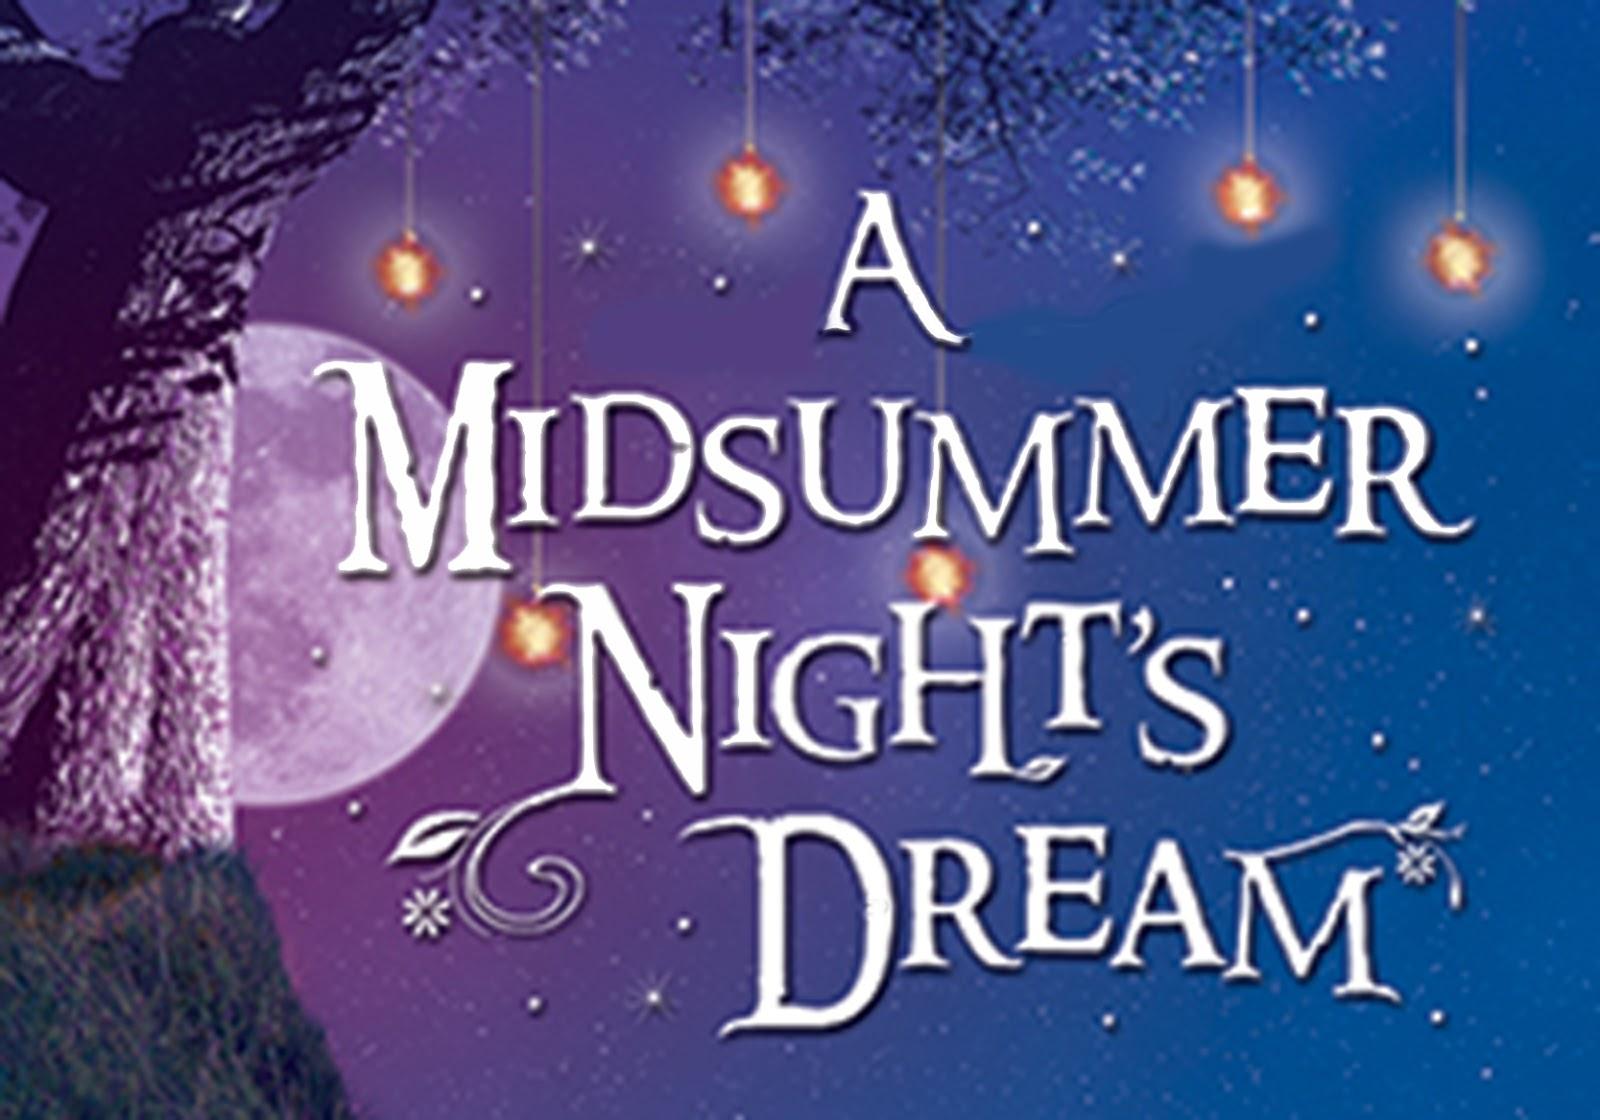 A midsummer nights dream essay